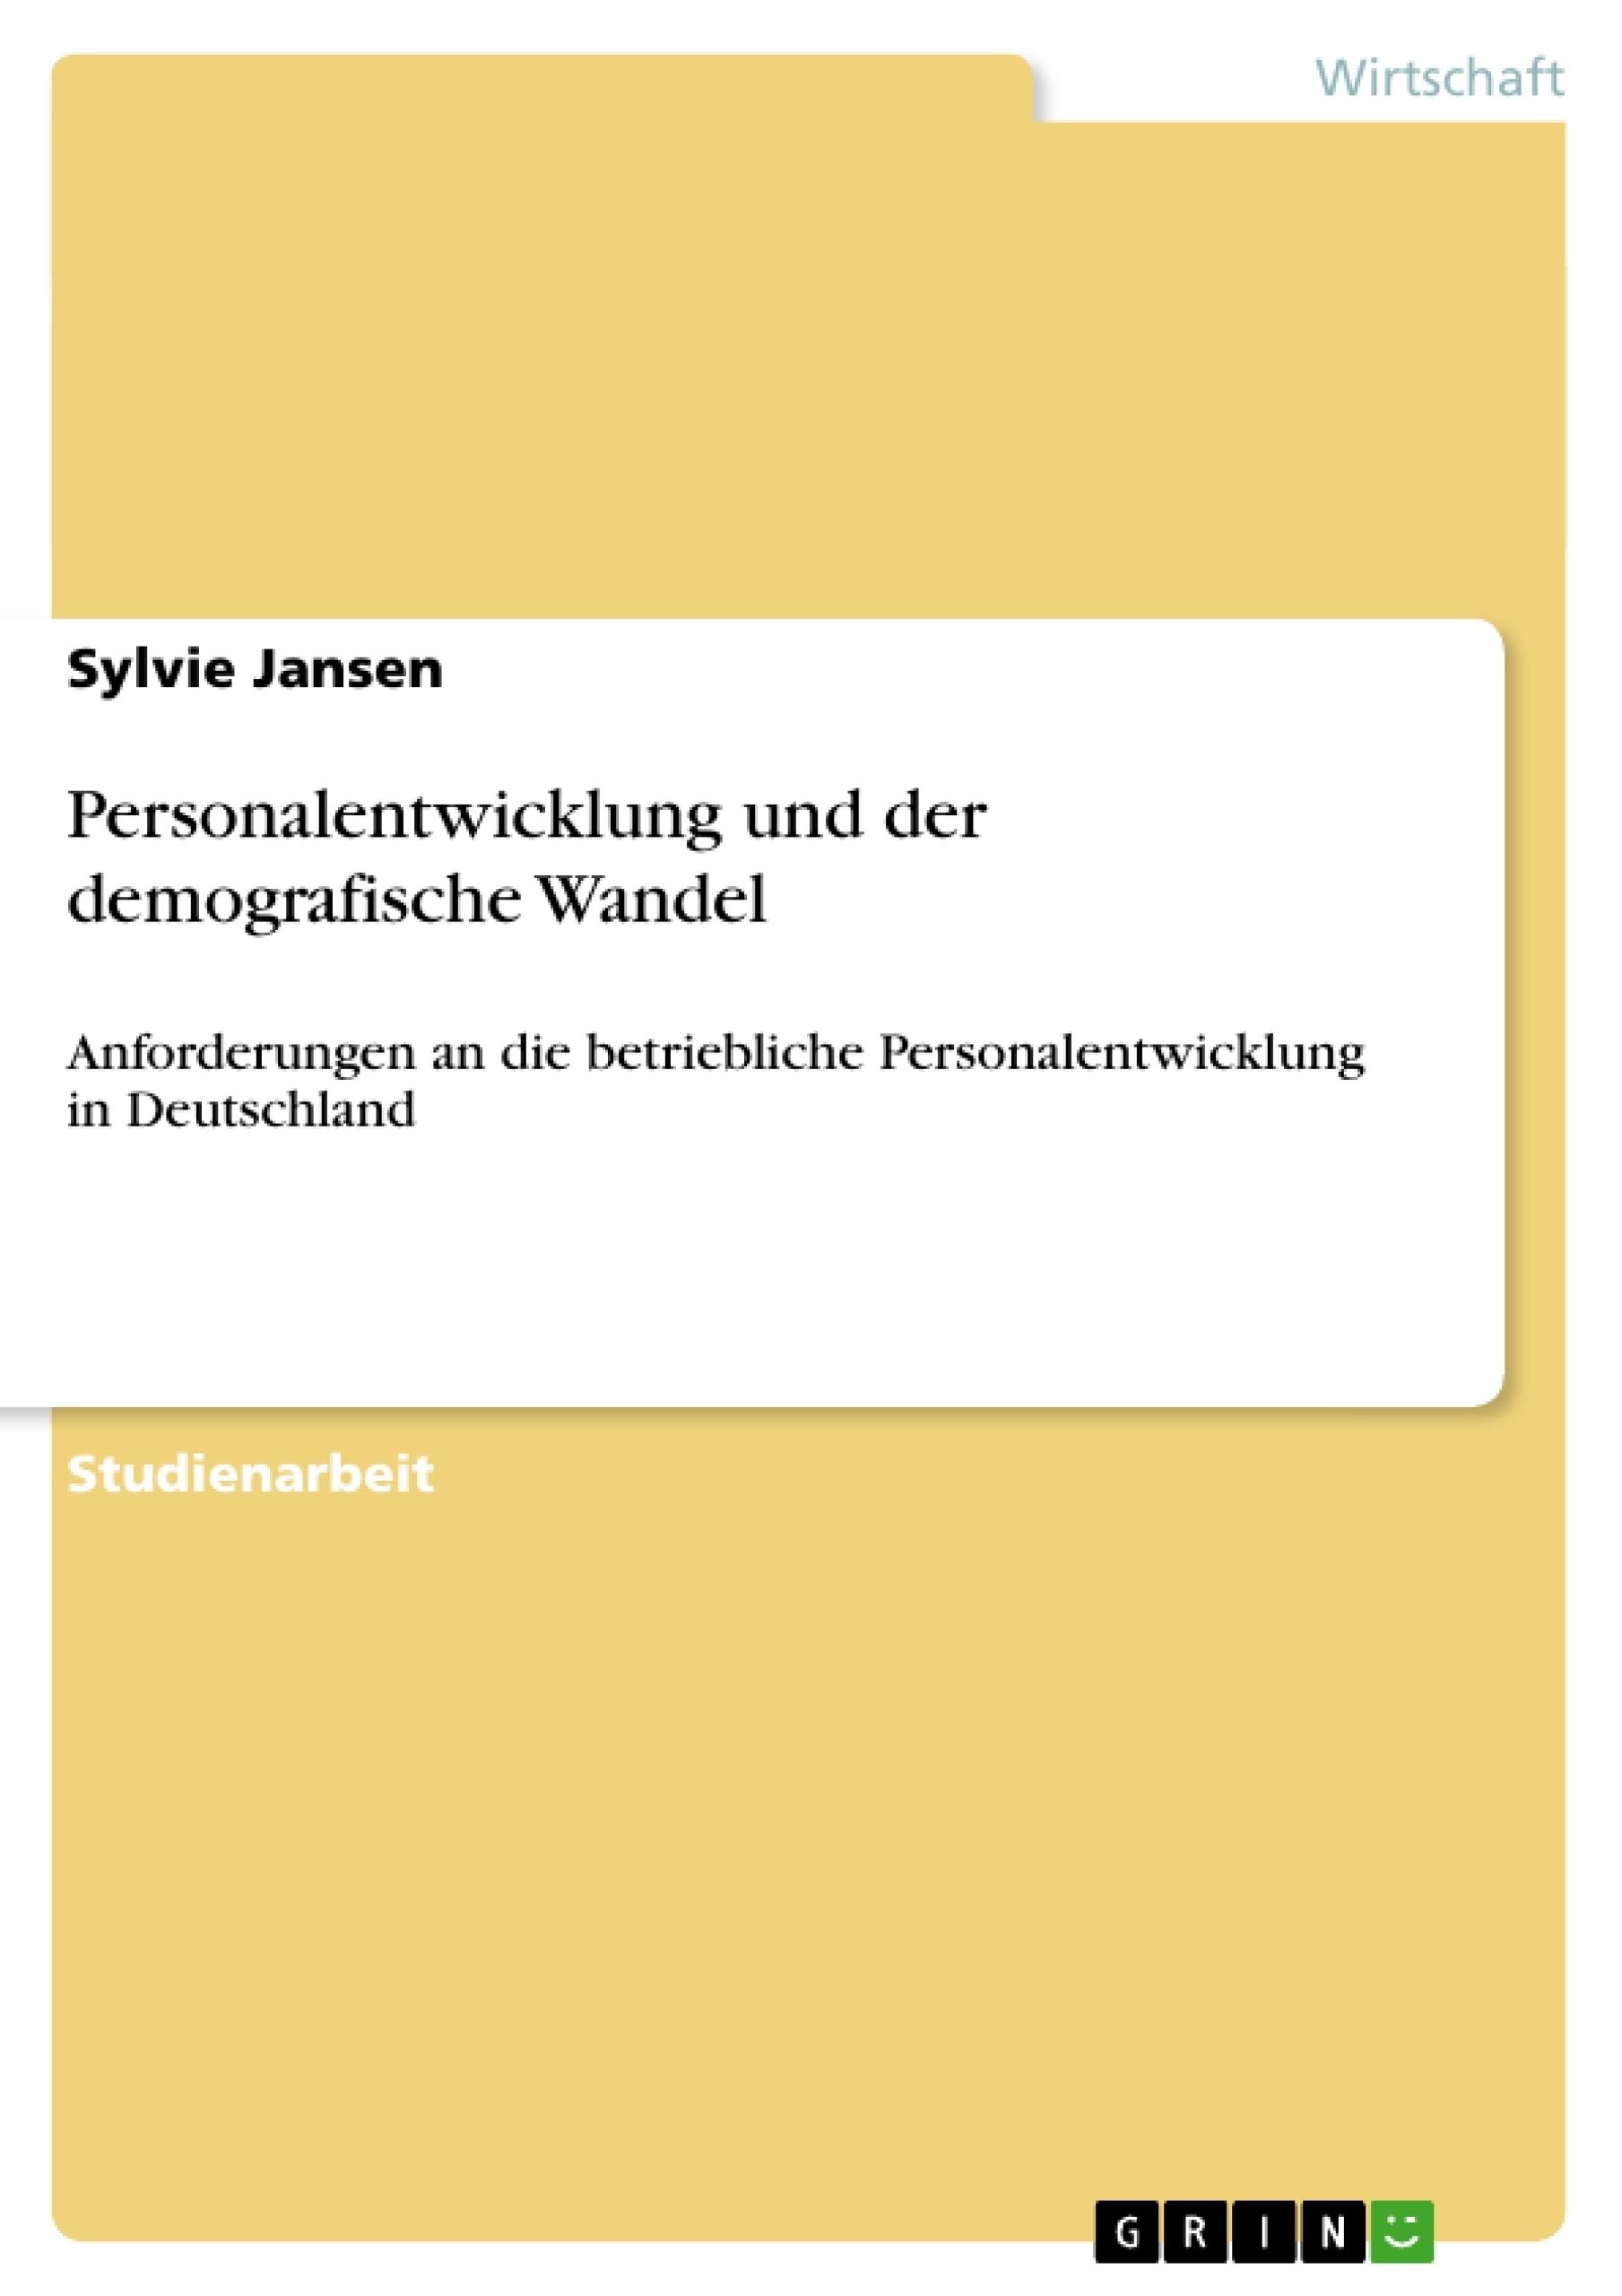 Titel: Personalentwicklung und der demografische Wandel